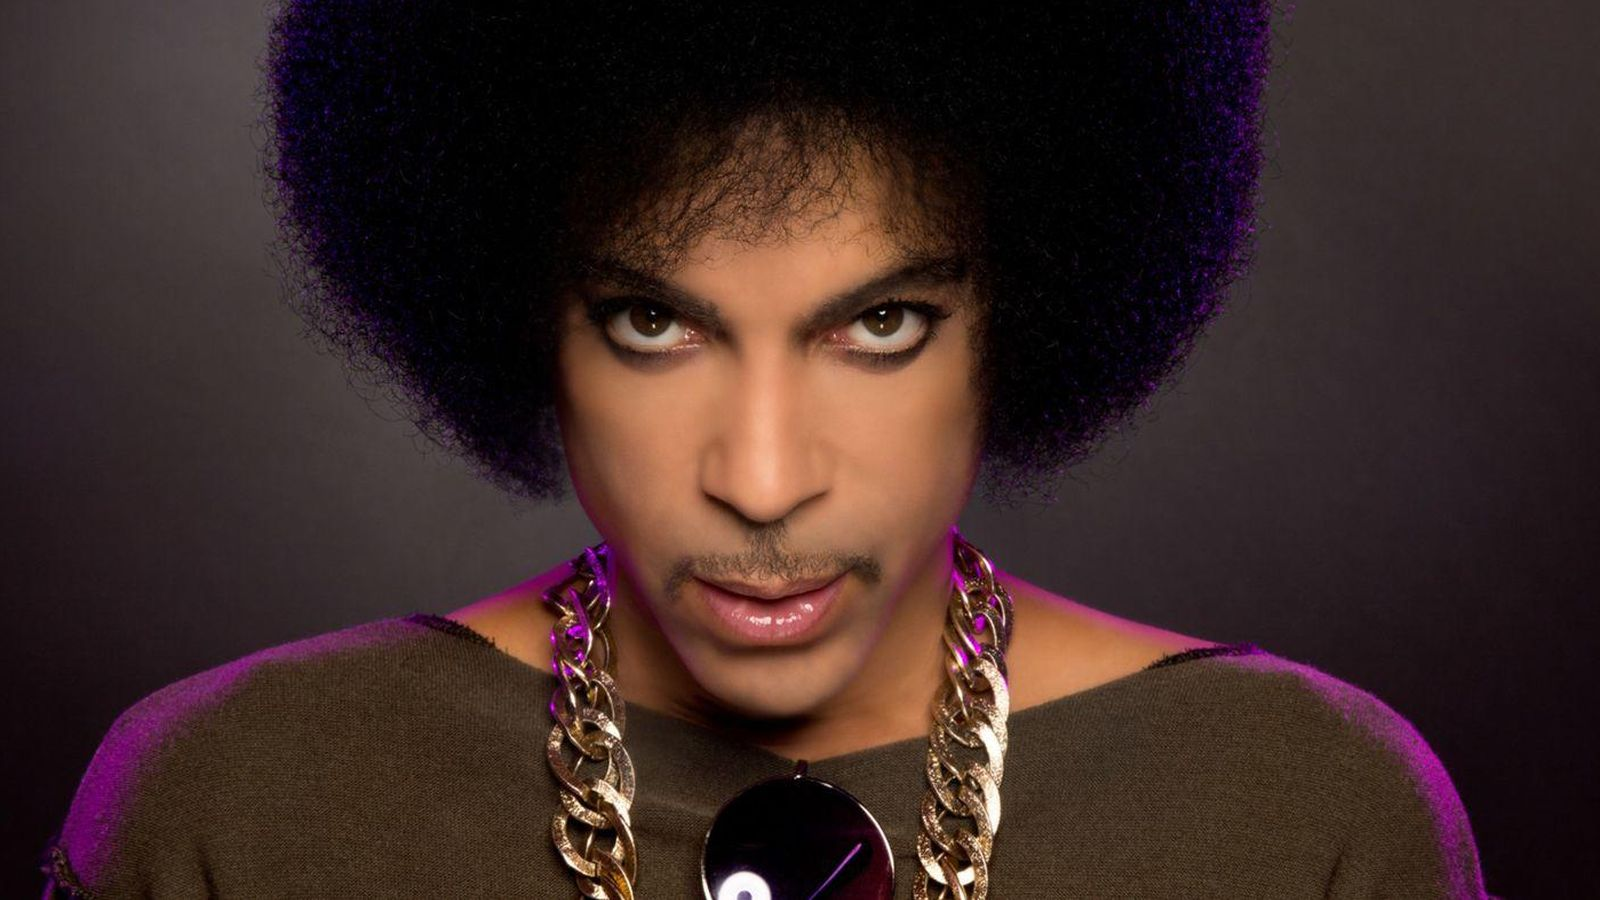 Foto: El cantante Prince en una imagen de archivo (Gtres)